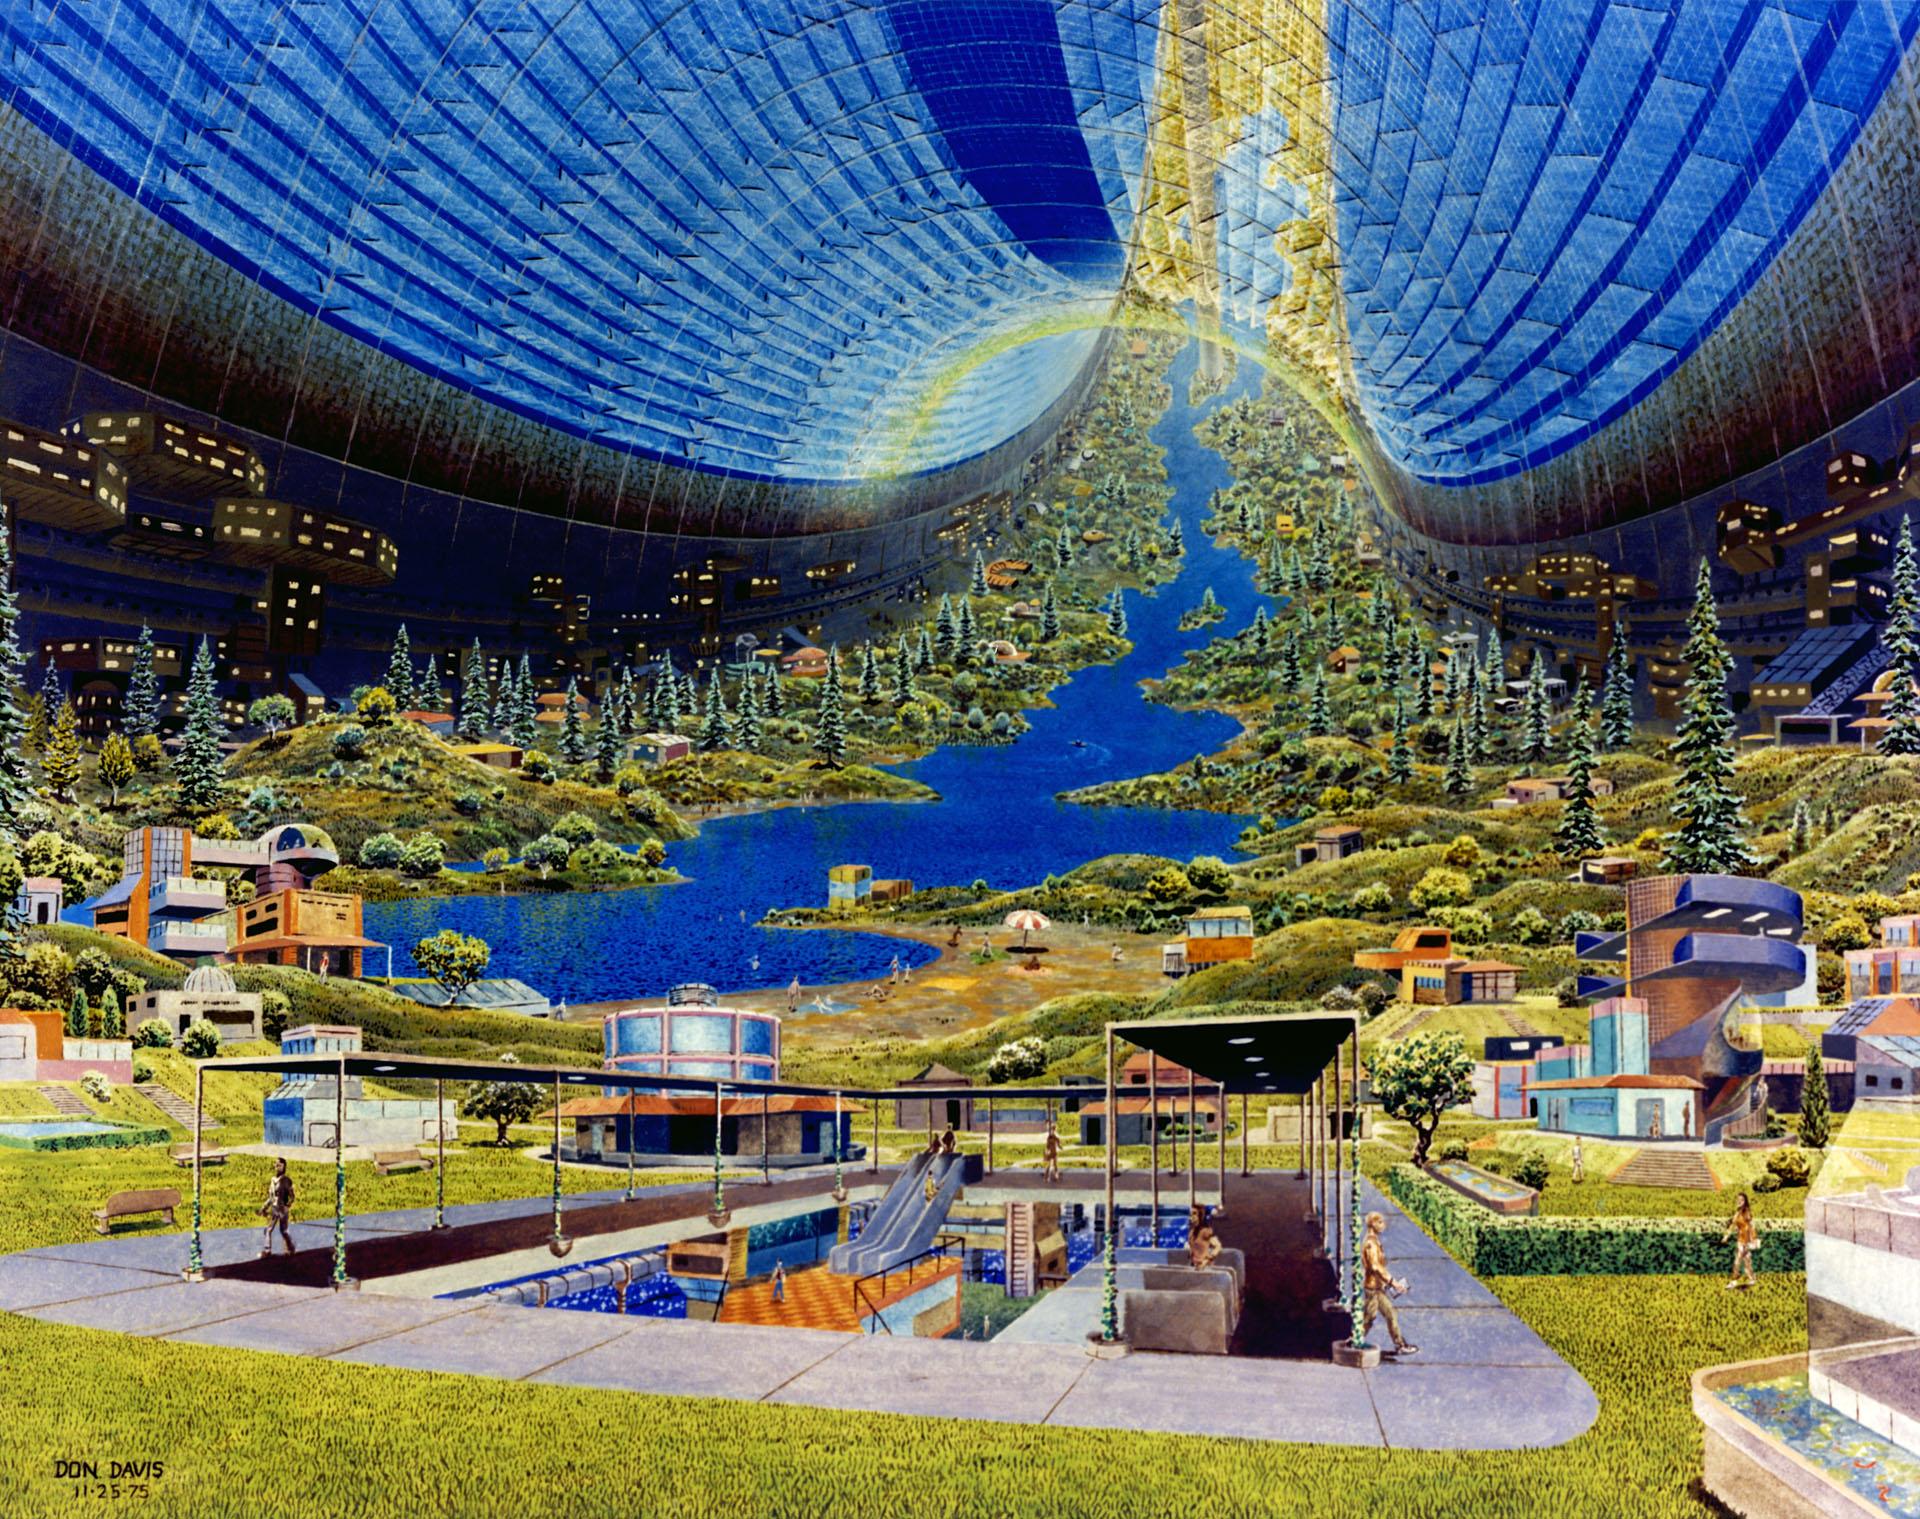 концепт космічна станція малюнок 70-их